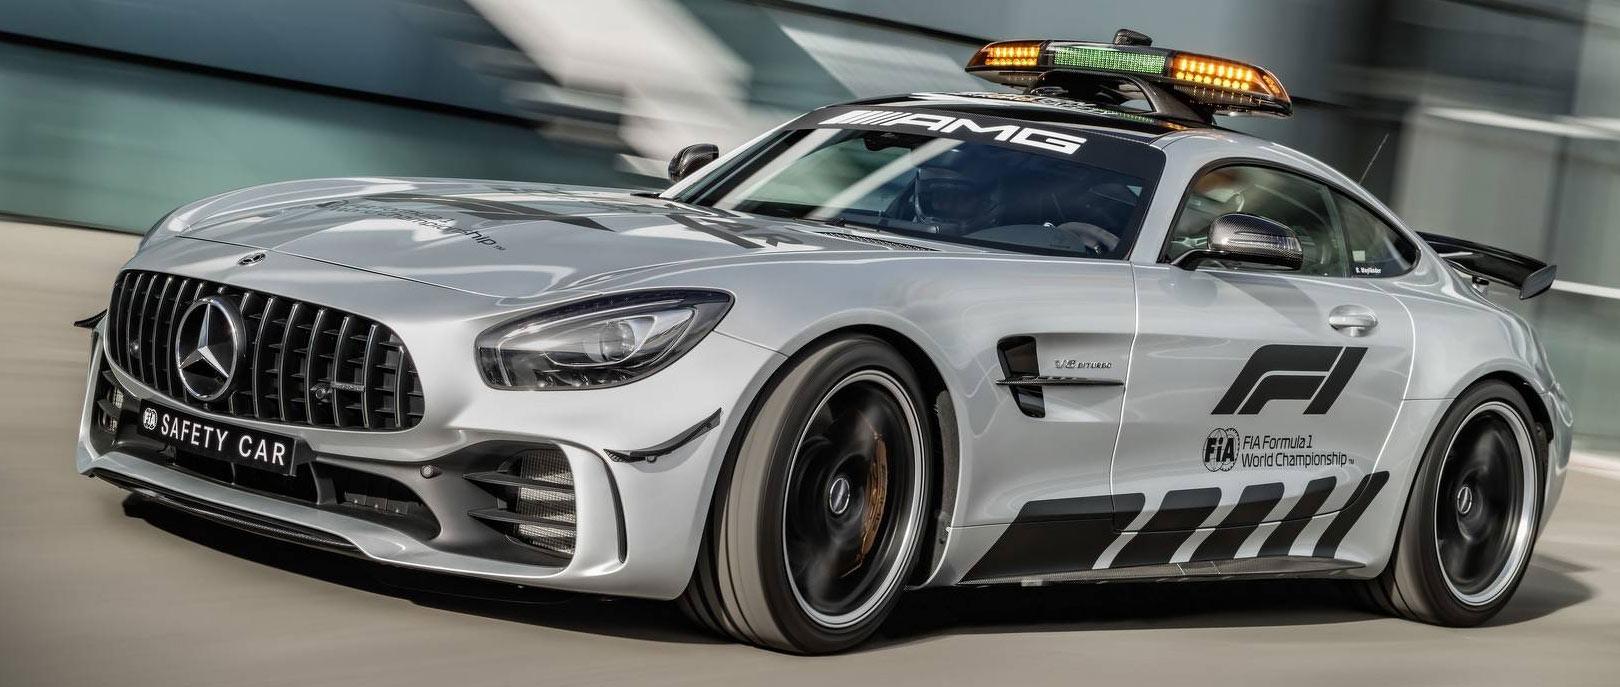 Mercedes AMG GT-R élményautózás DRX Ringen